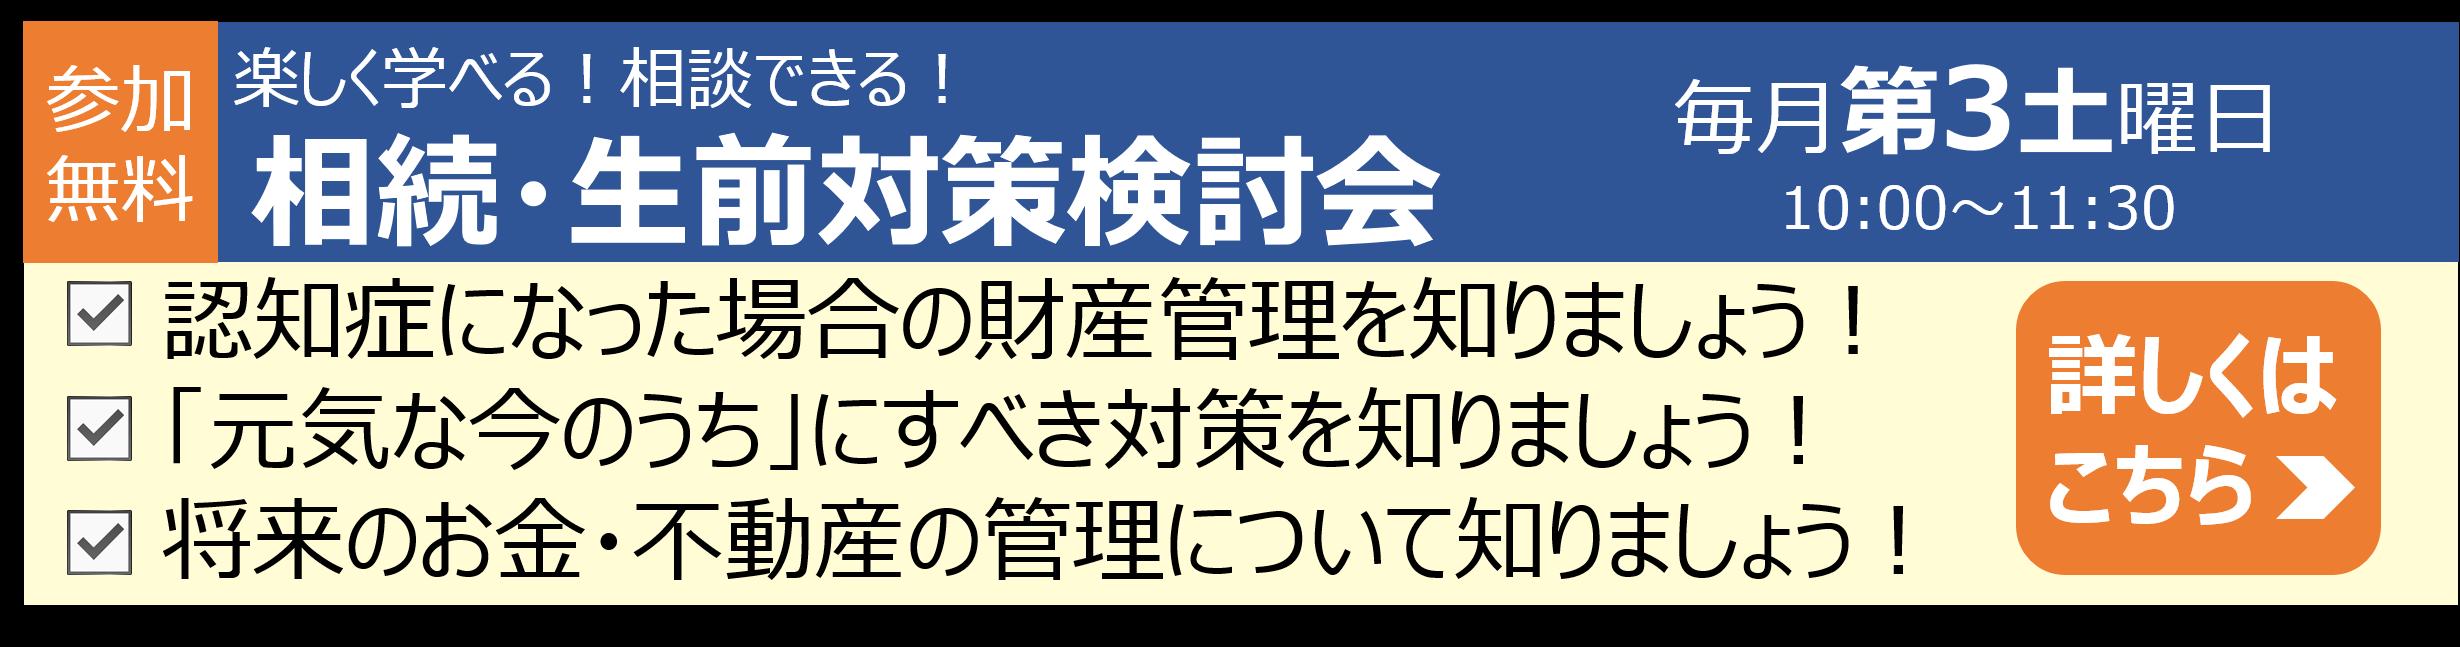 相続・生前対策検討会